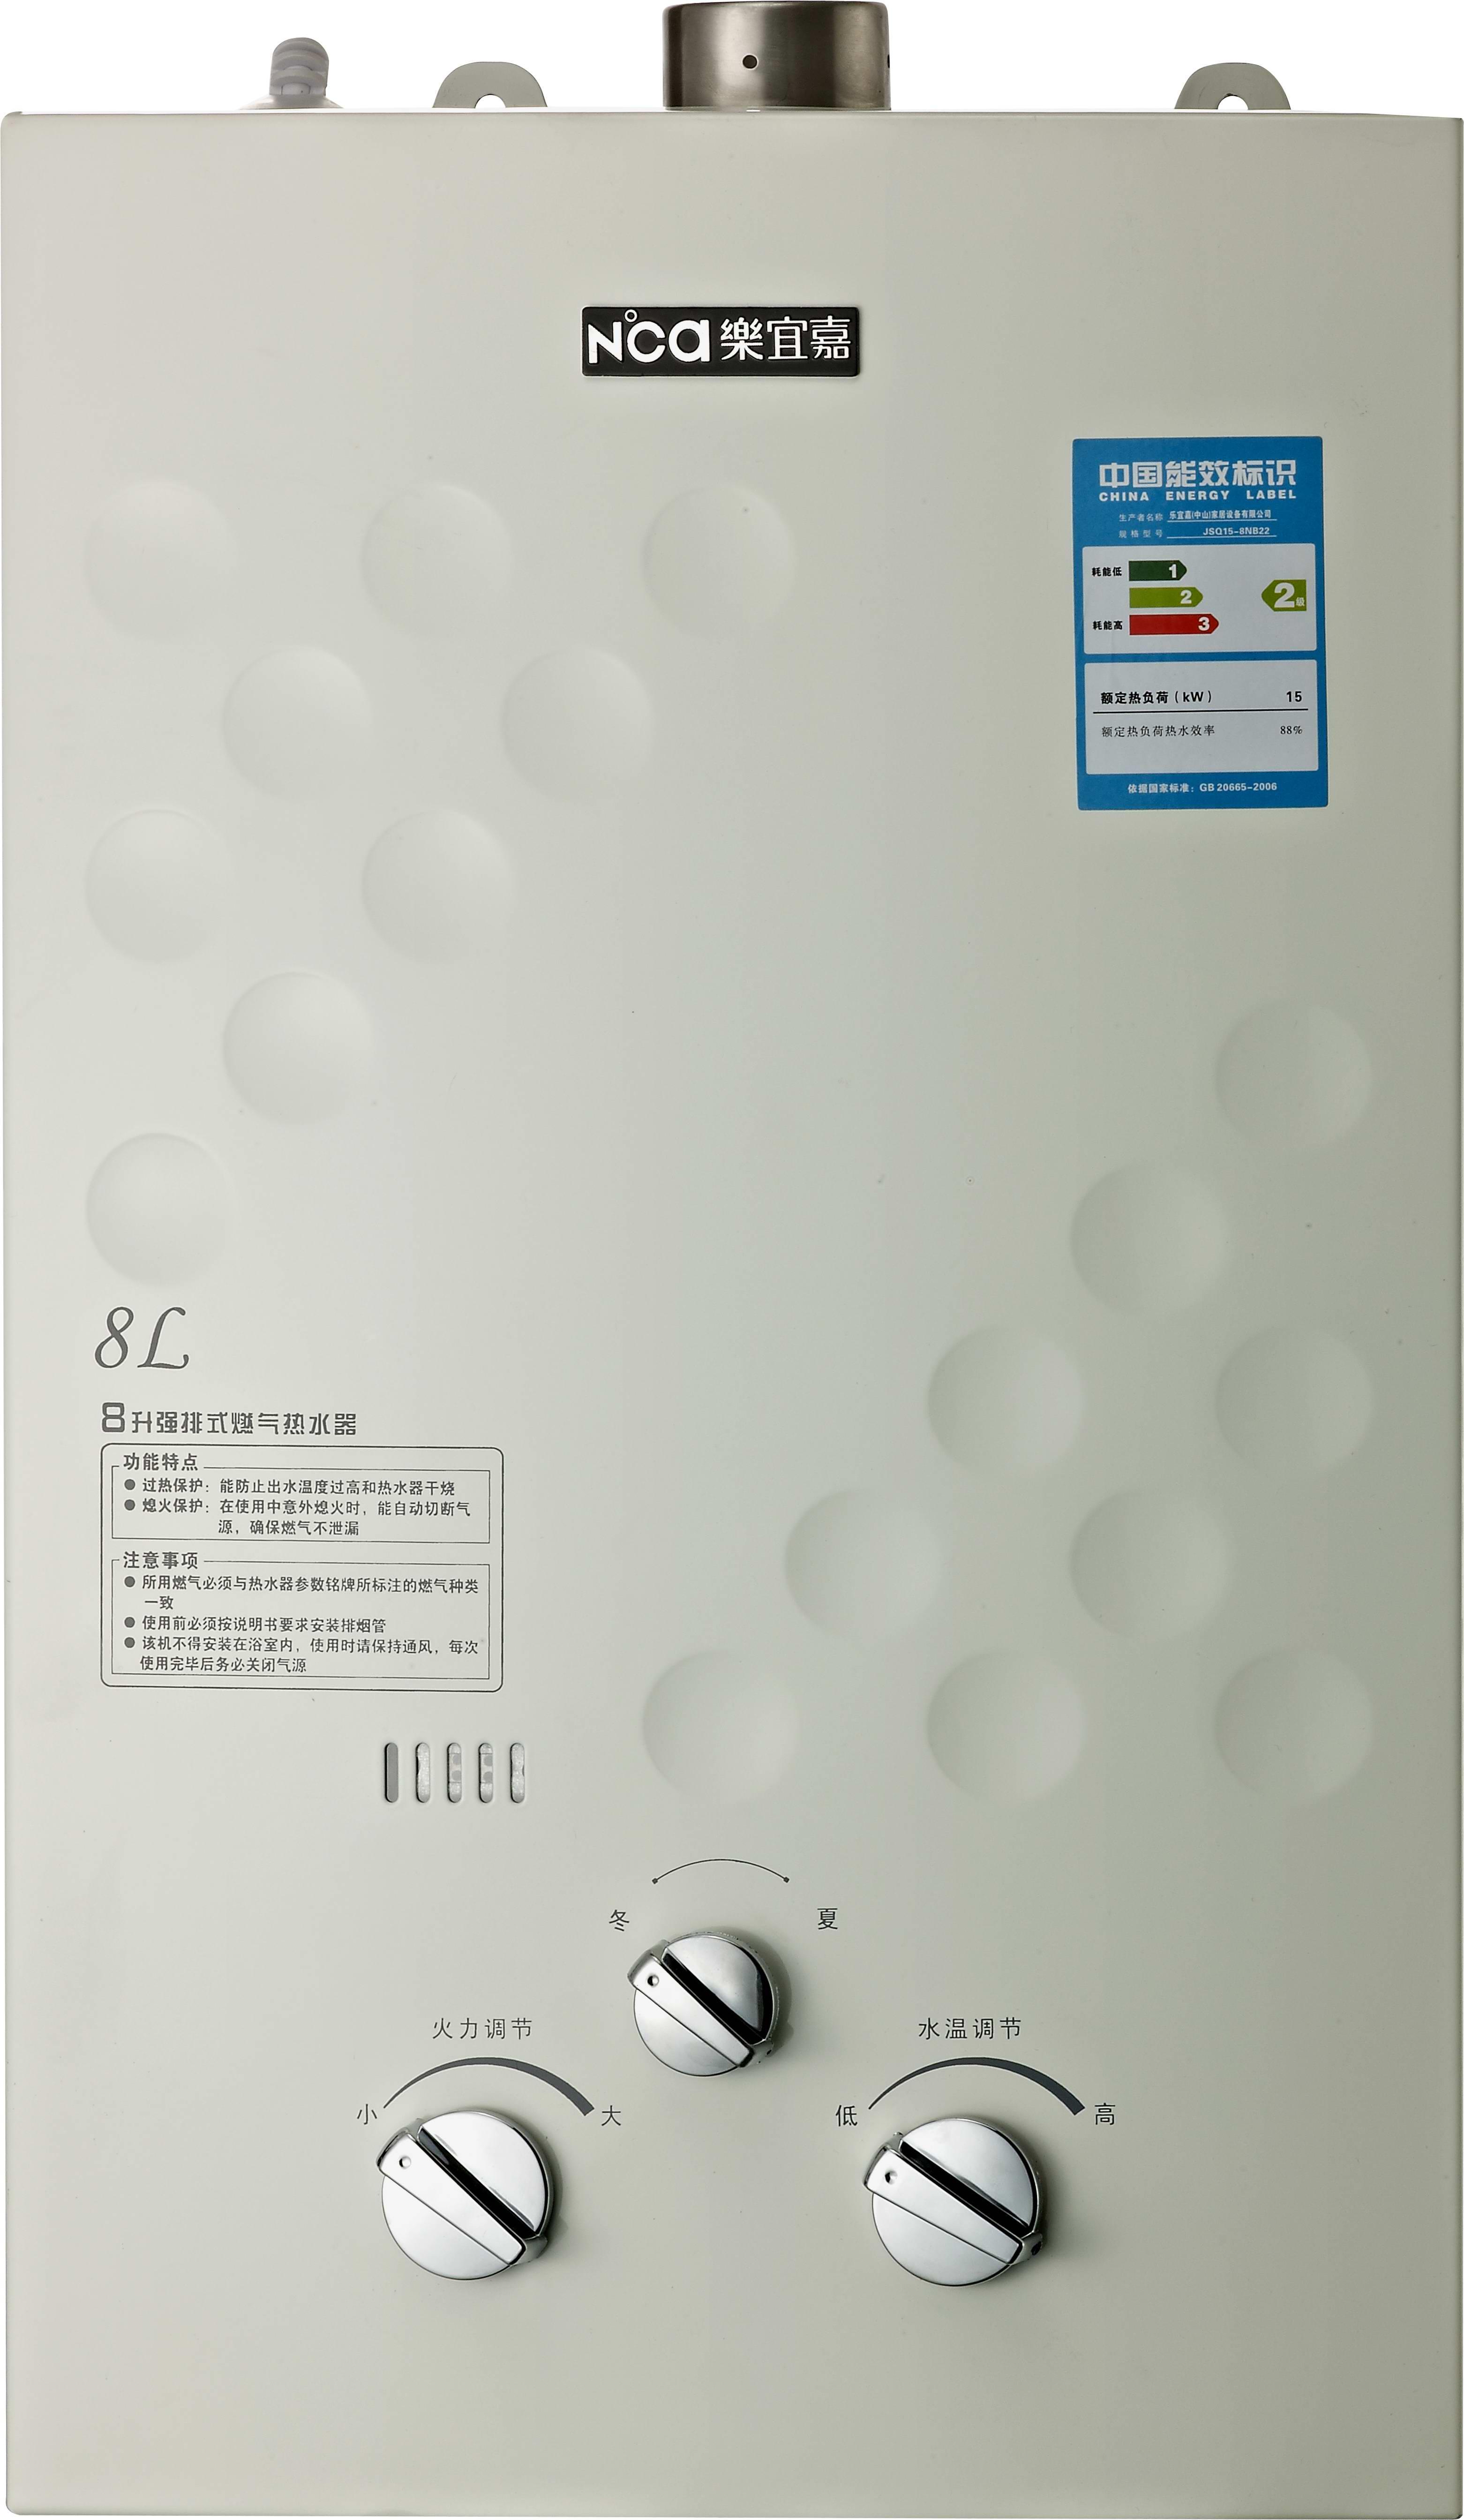 乐宜嘉热水器电路板的接线图